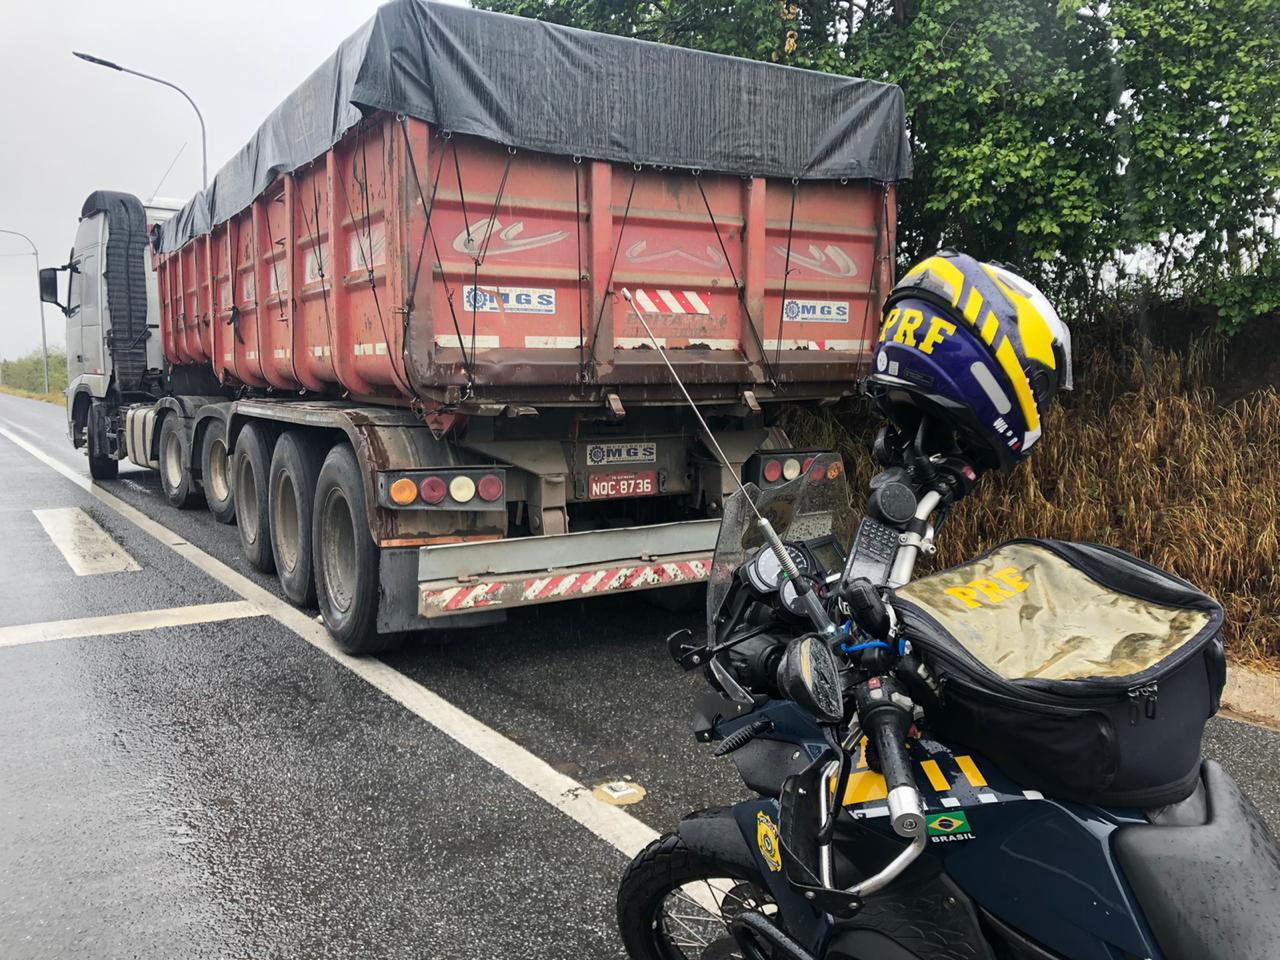 WhatsApp Image 2020 05 15 at 11.09.04 - PRF prende motorista de caminhão com documento de habilitação falsa transportando 35 toneladas de brita, em Campina Grande